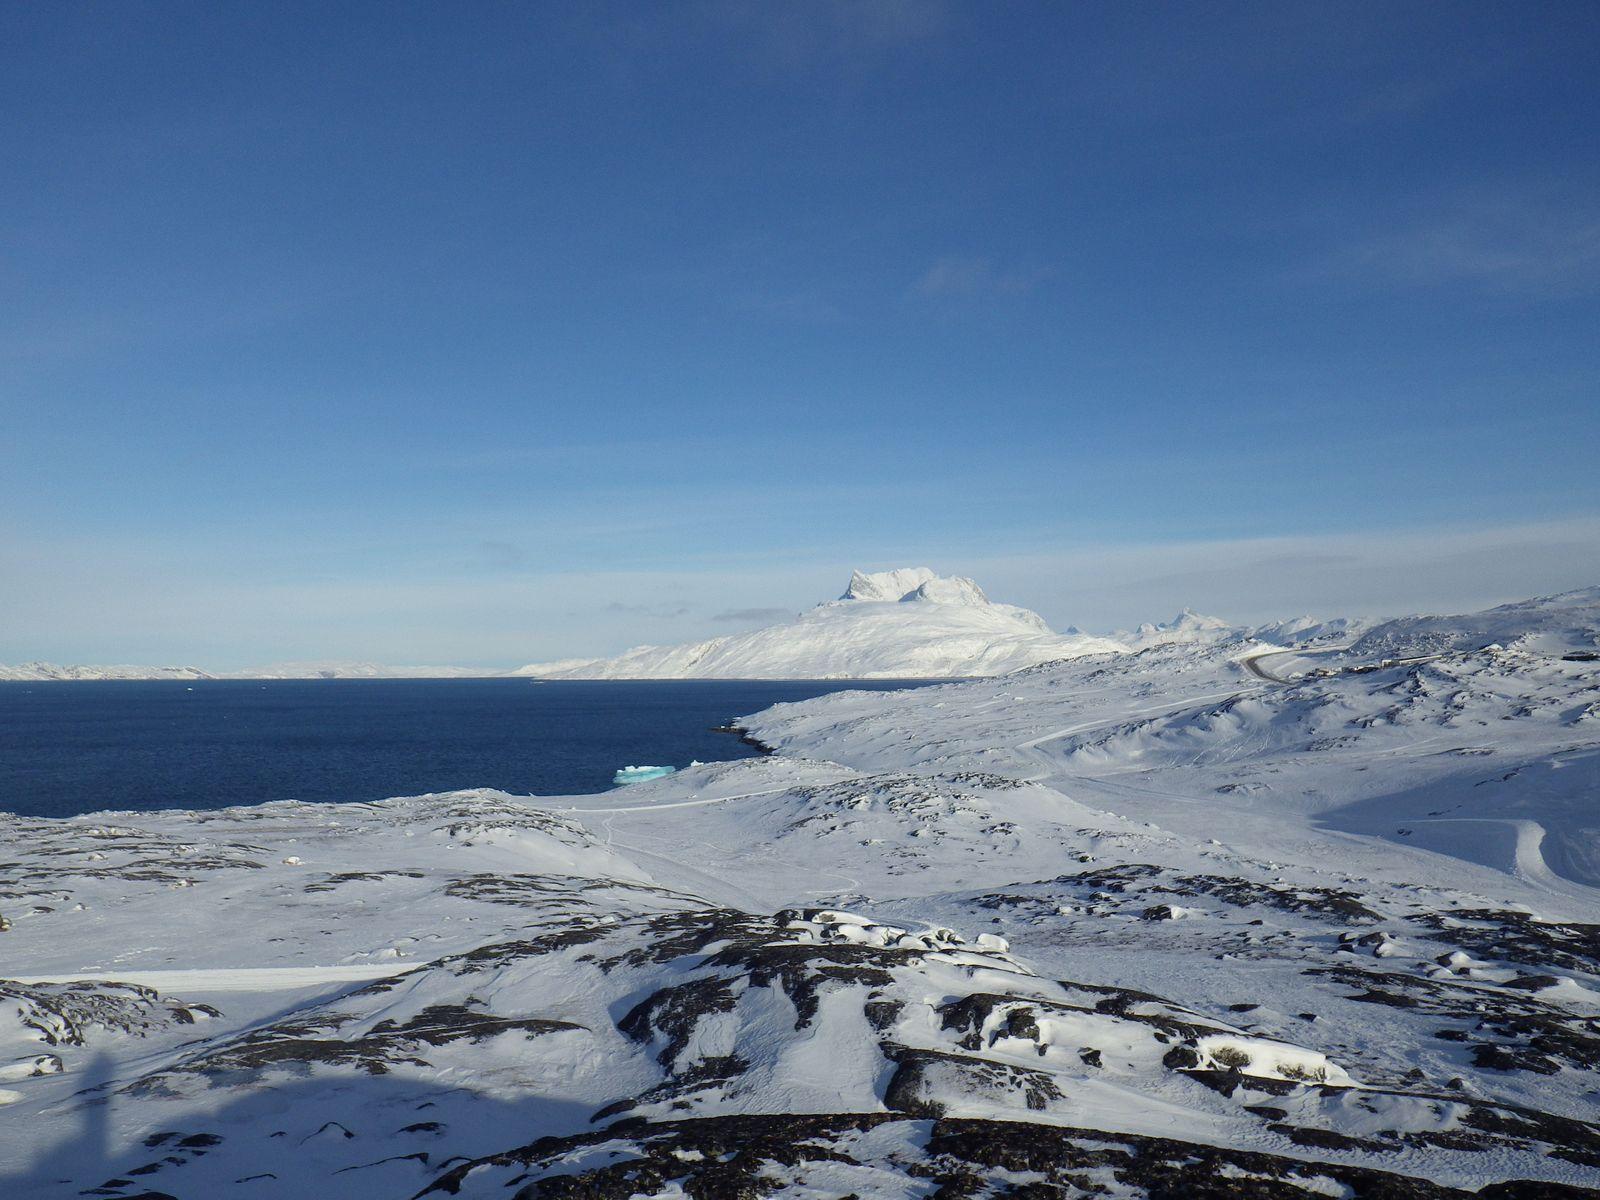 2014-02-18-1311_-_Gode_1_Sermitsiaq